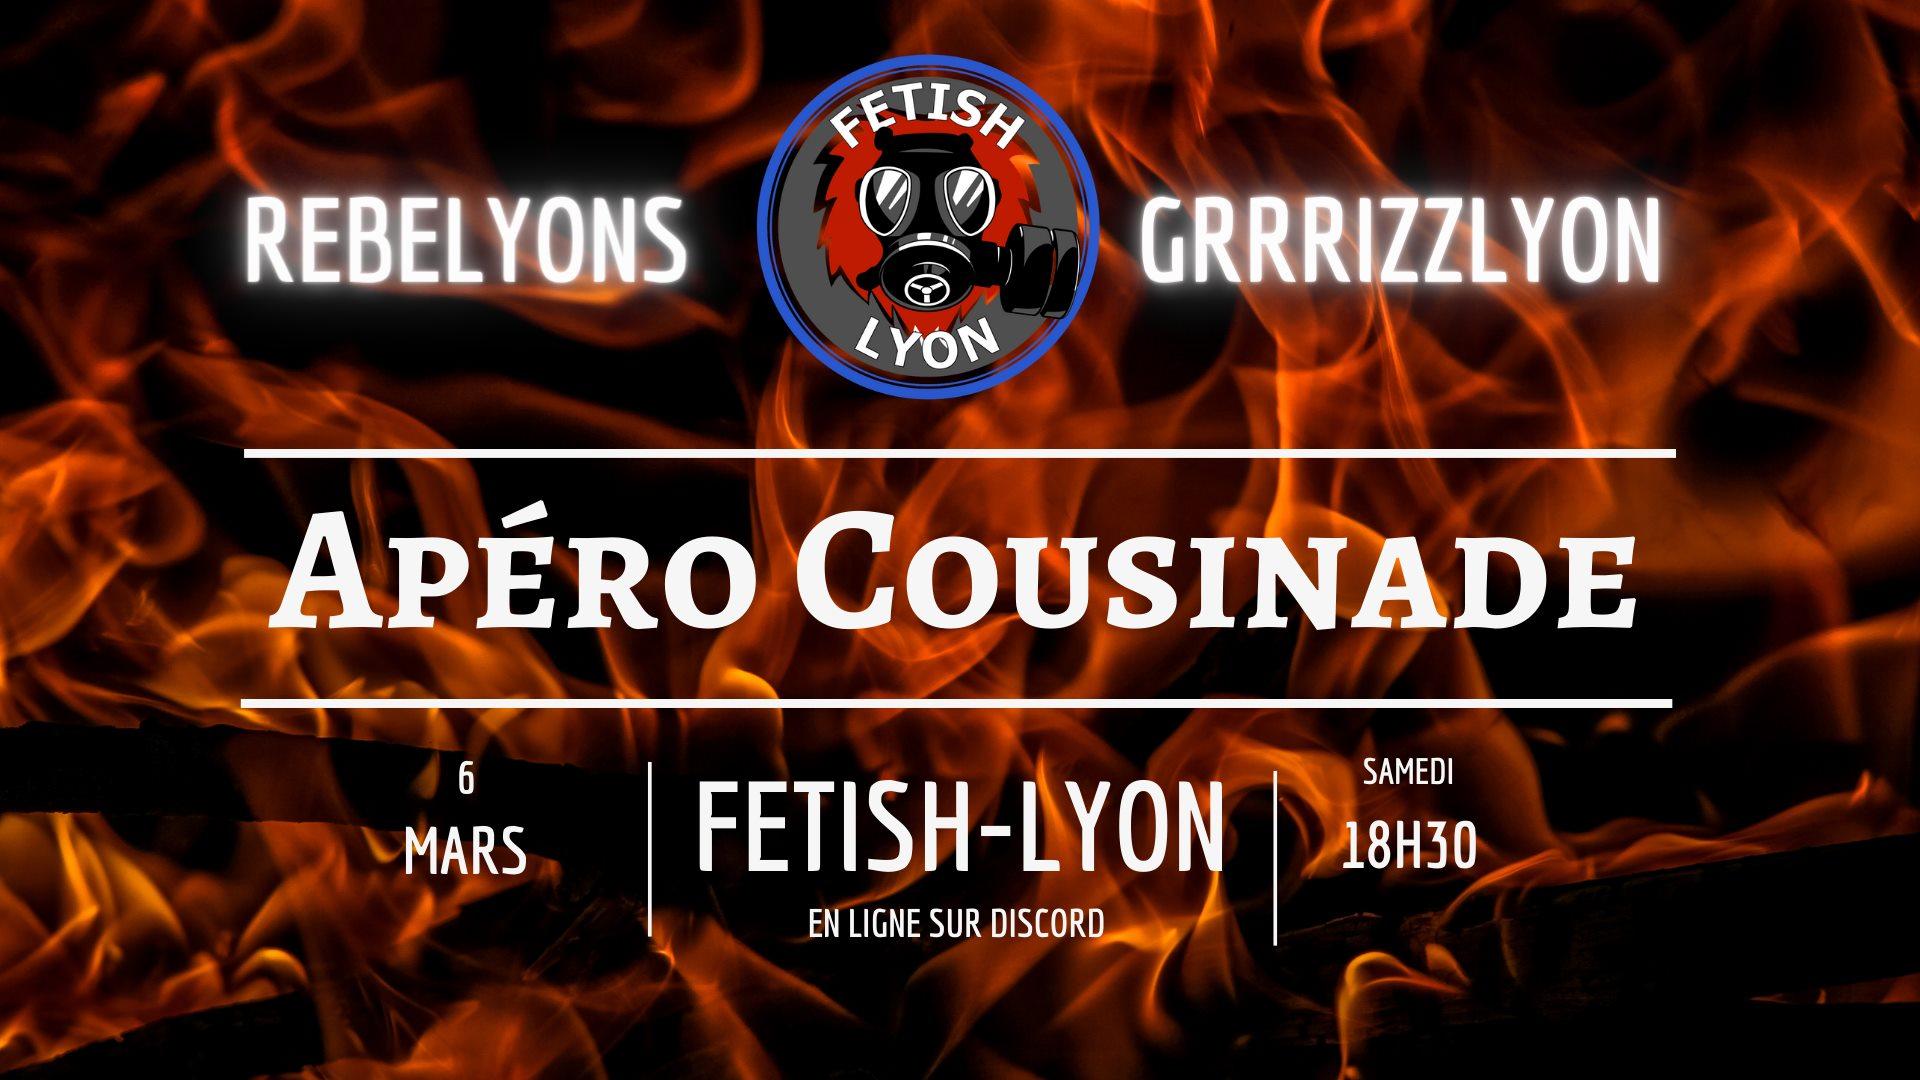 2021-03-06 - Apéro Cousinade